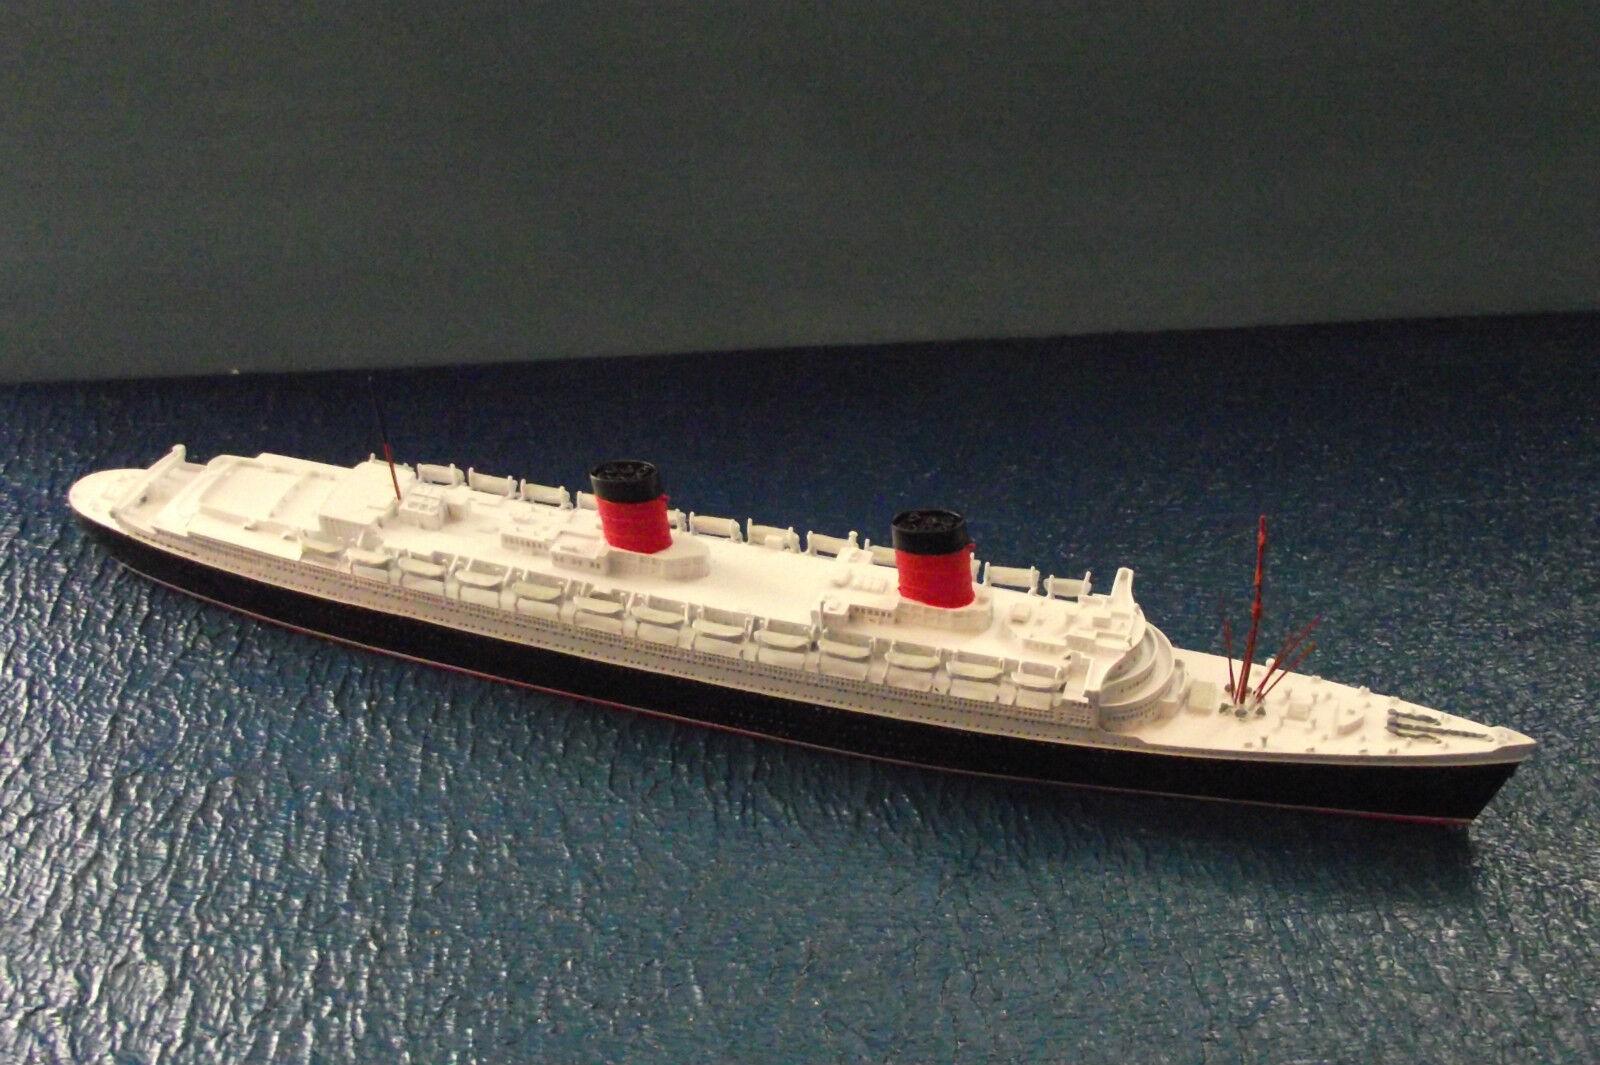 Cm barco 1 1250 gb. buque  queen elizabeth  cm 154 OVP